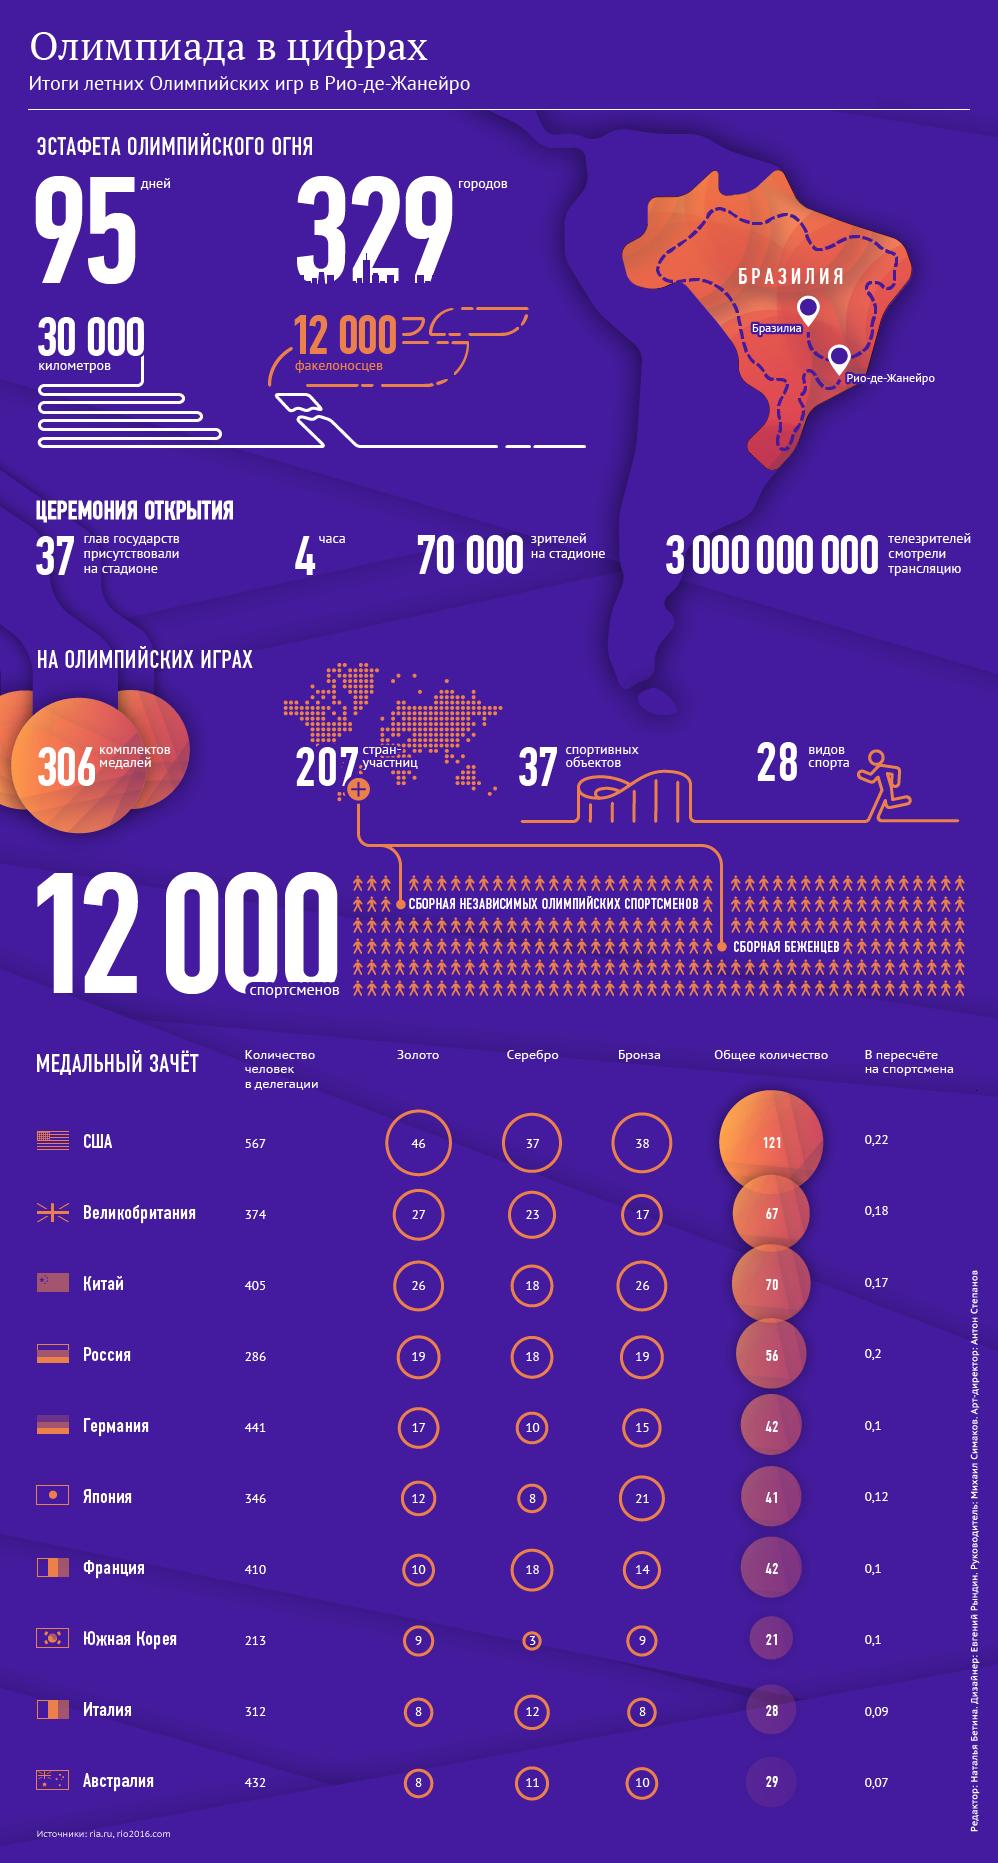 Олимпиада в цифрах